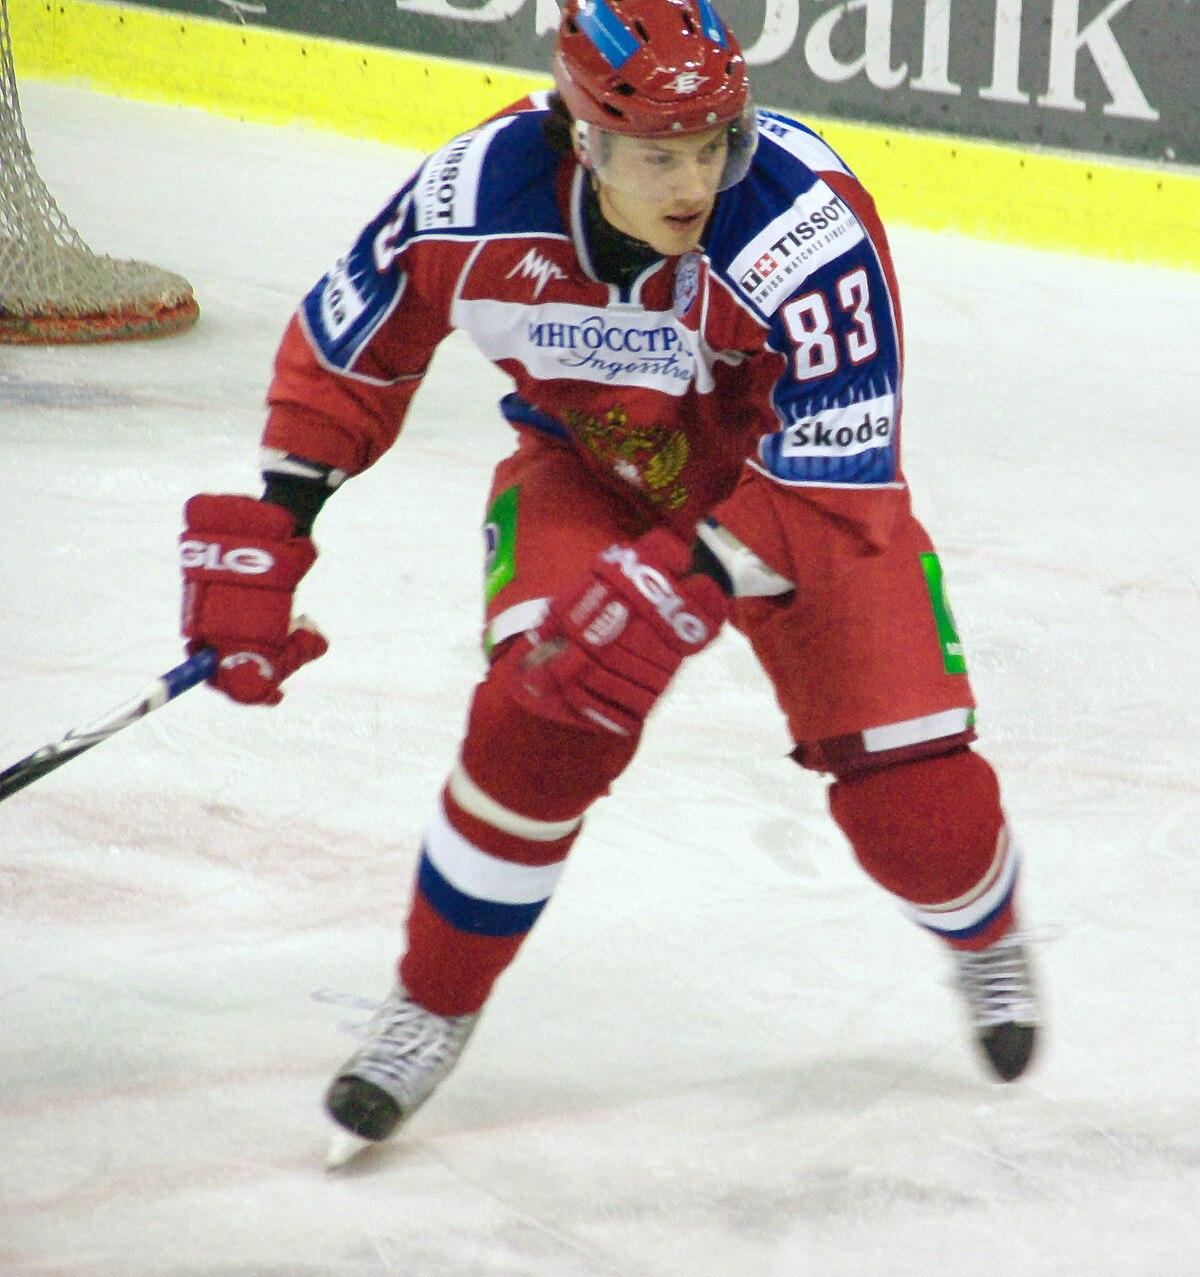 Sergei Fjodorov